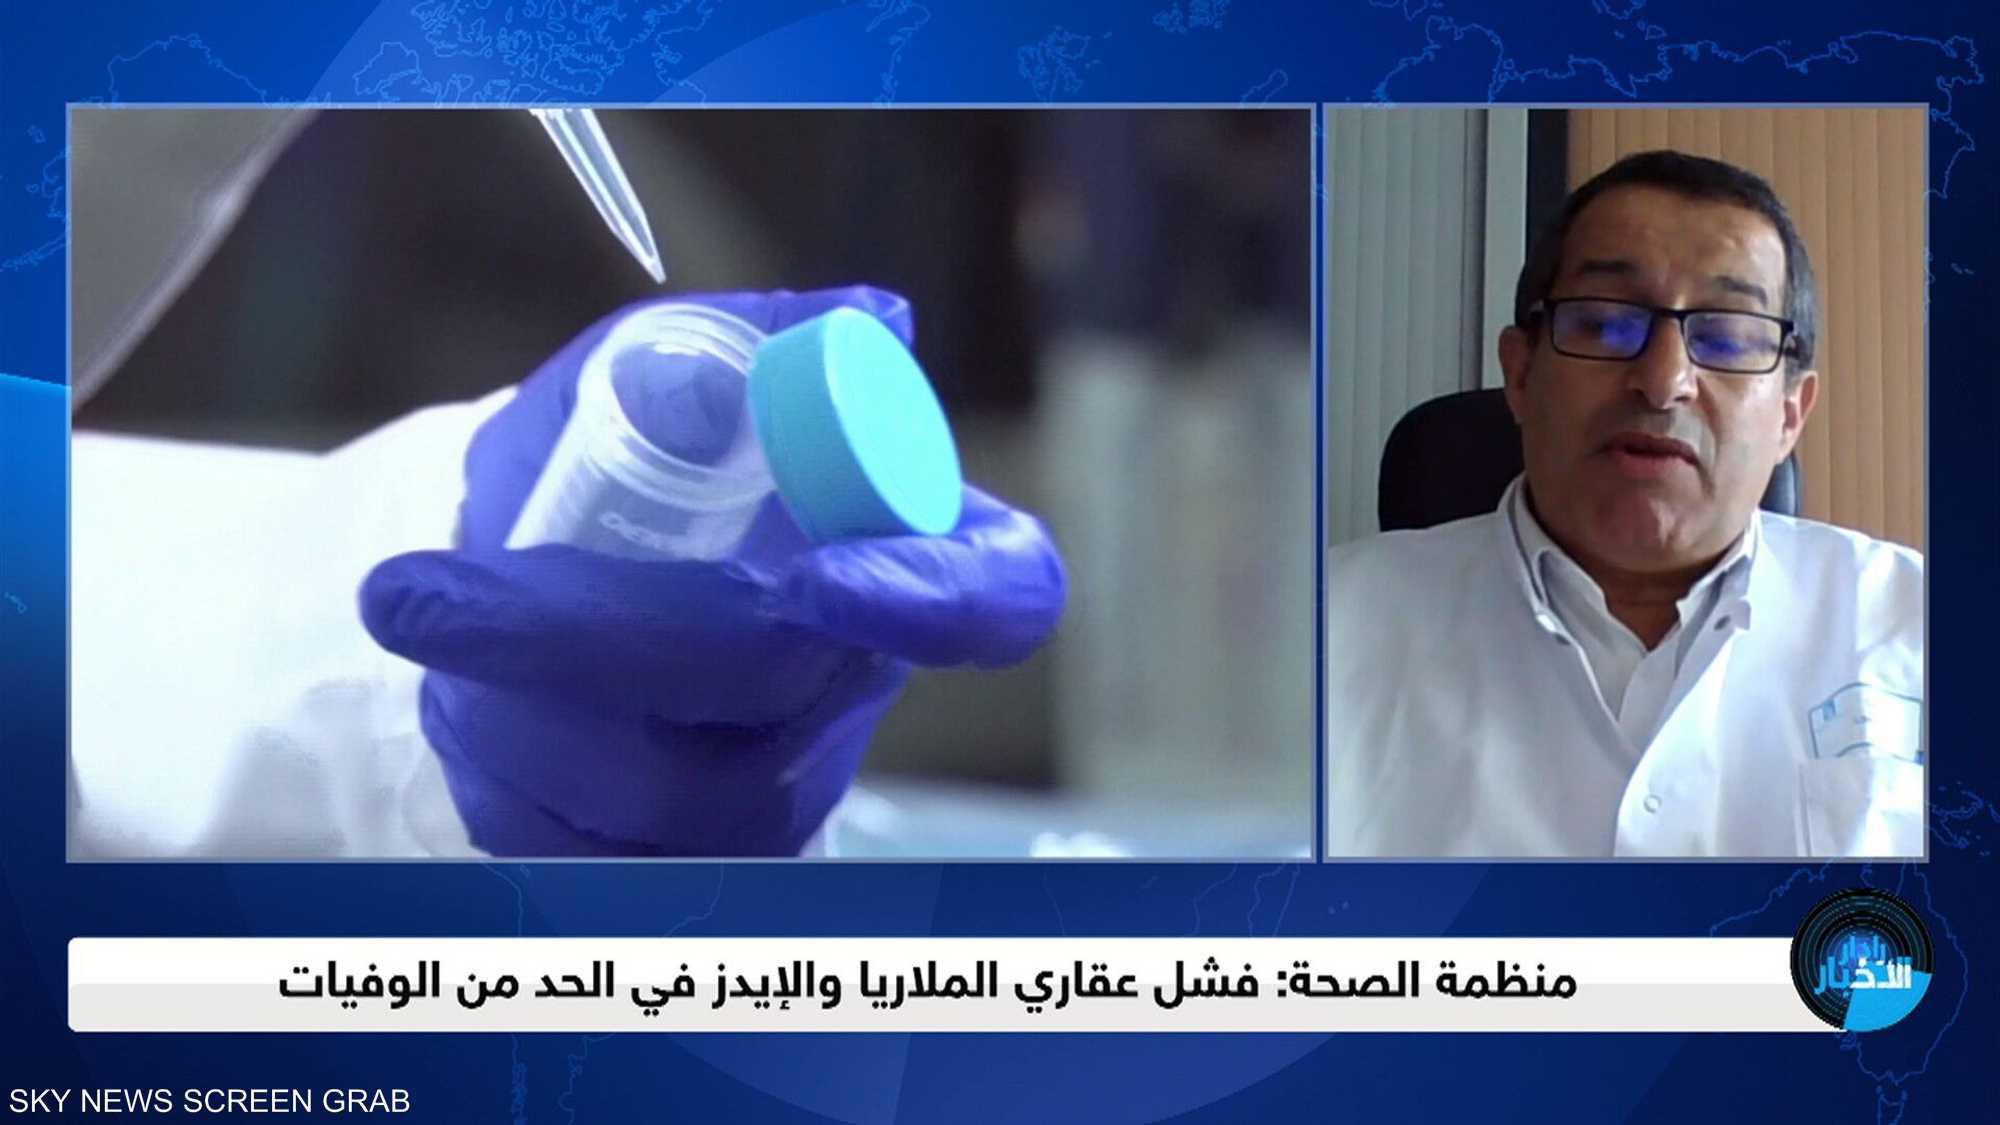 دراسة جديدة تثبت انتقال فيروس كورونا عبر الهواء